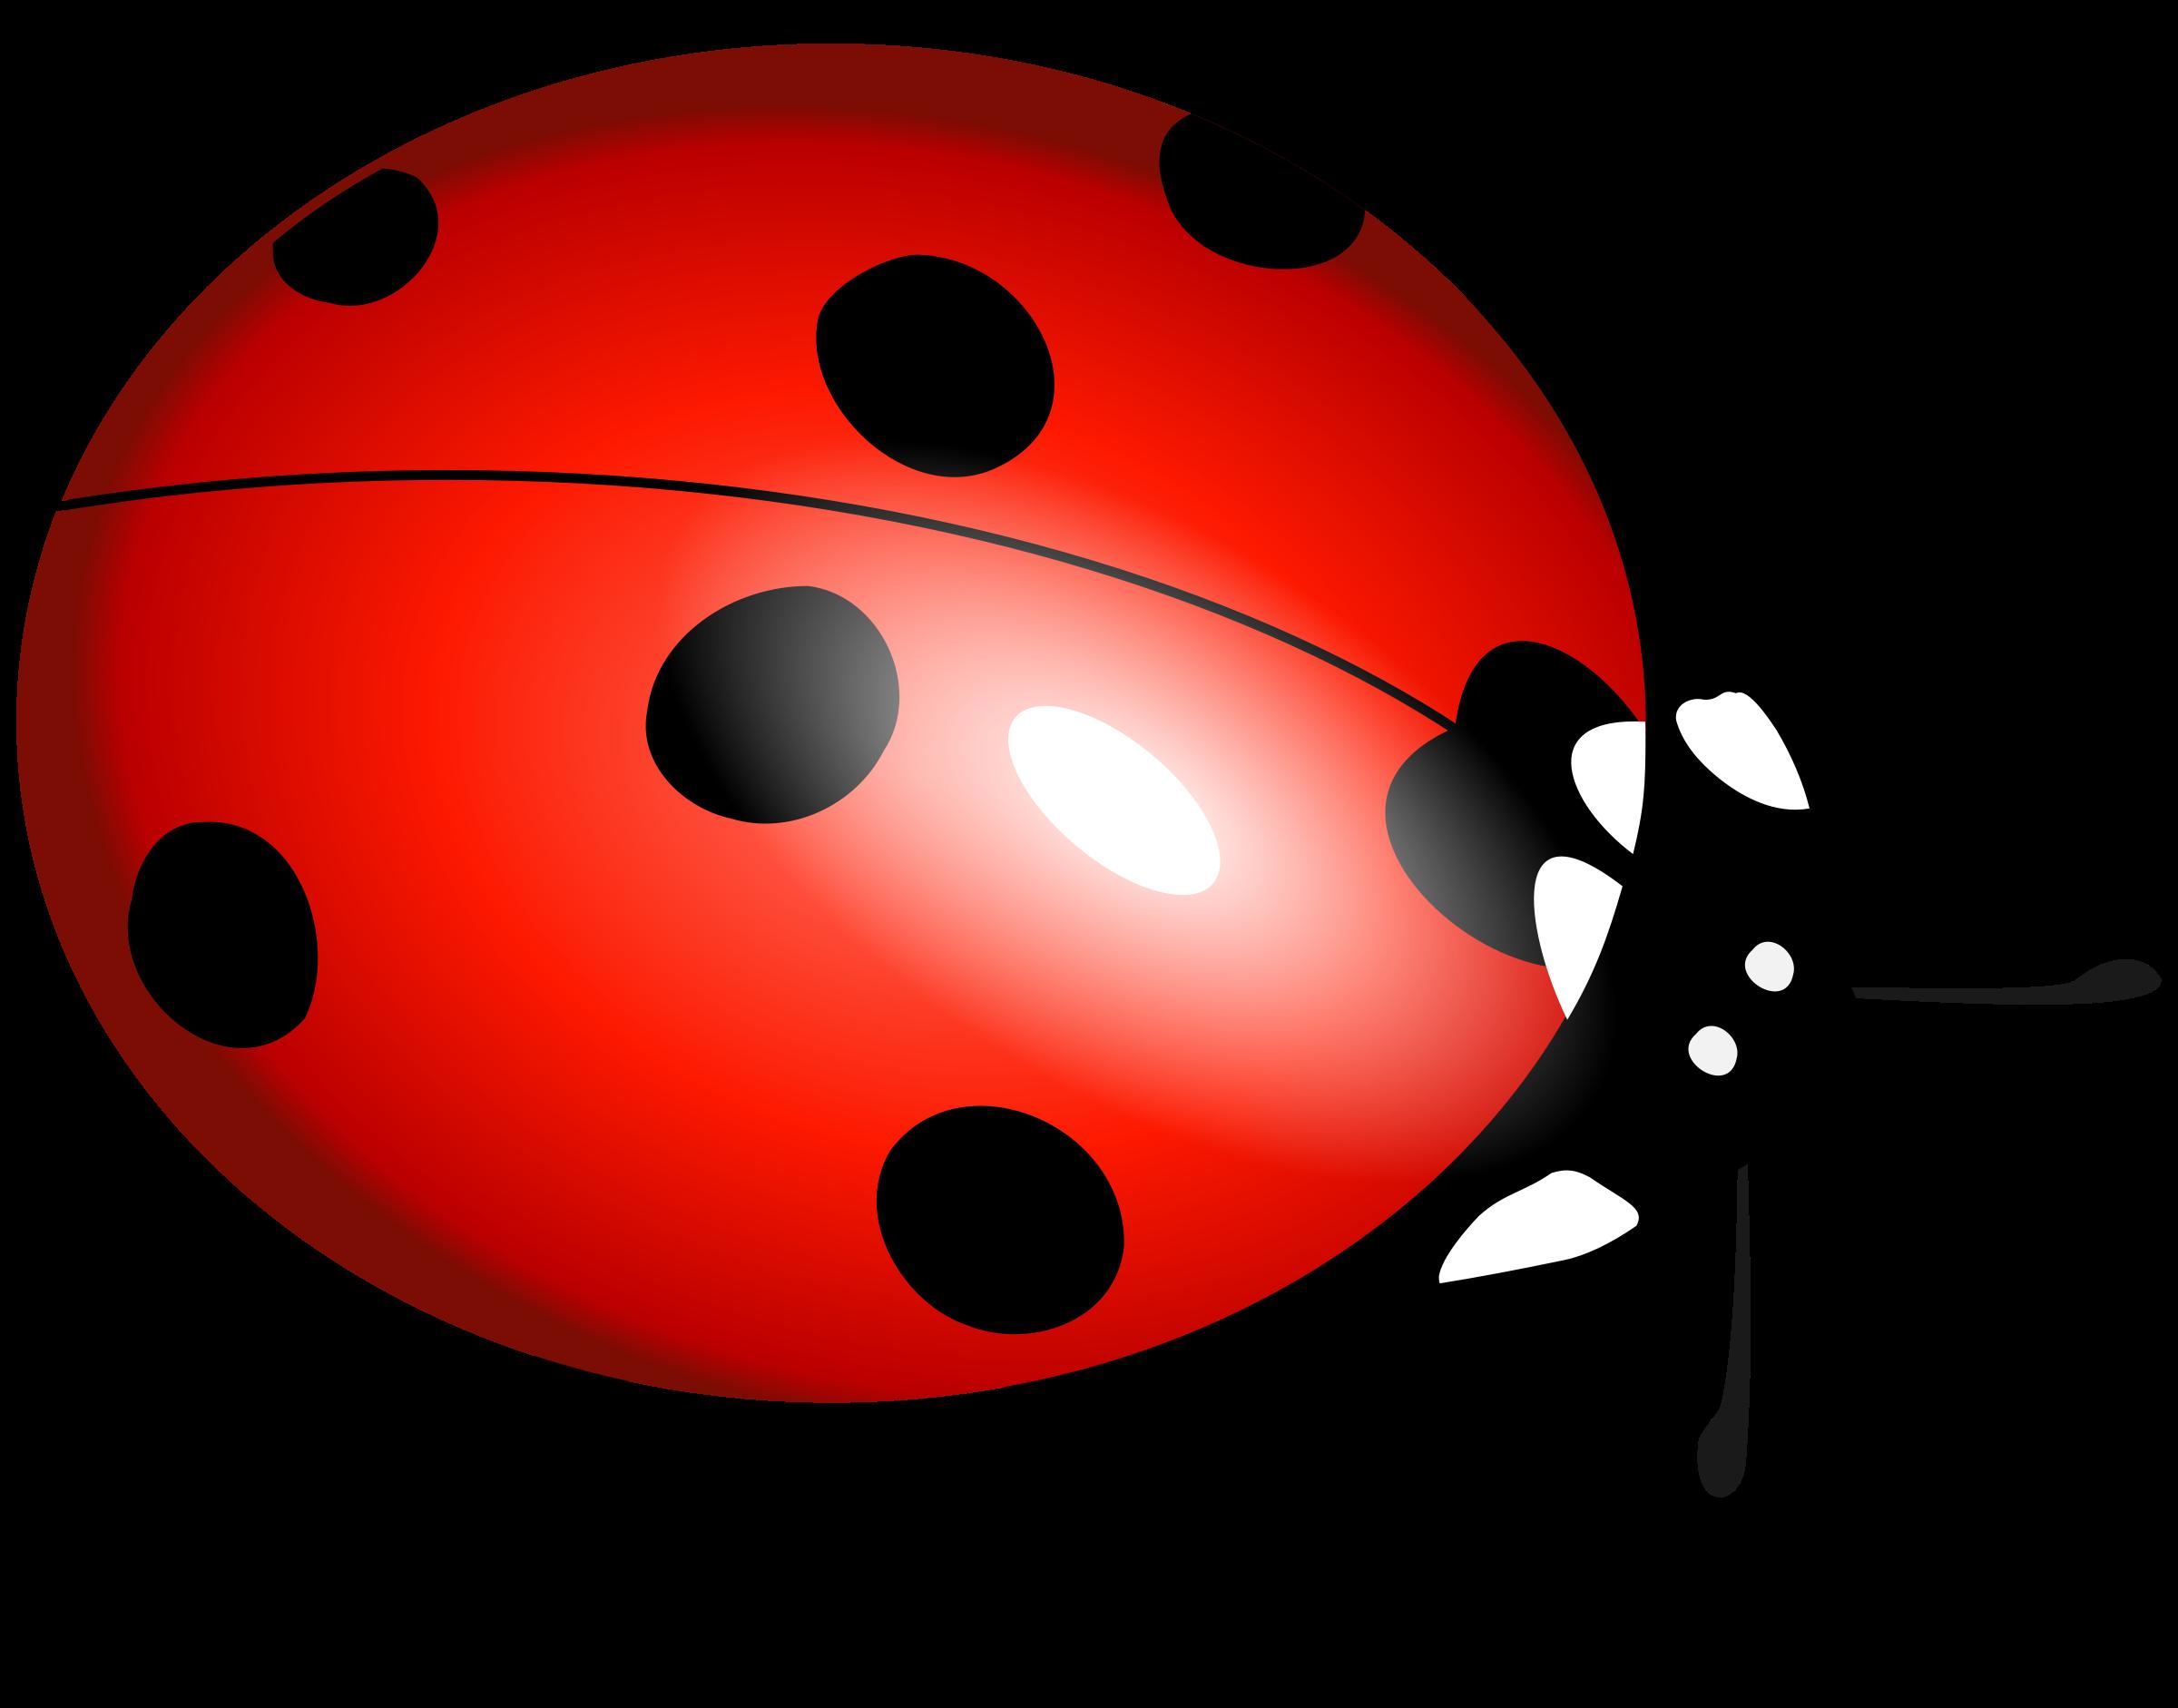 image freeuse library Ladybug flying panda free. Ladybugs clipart let's celebrate